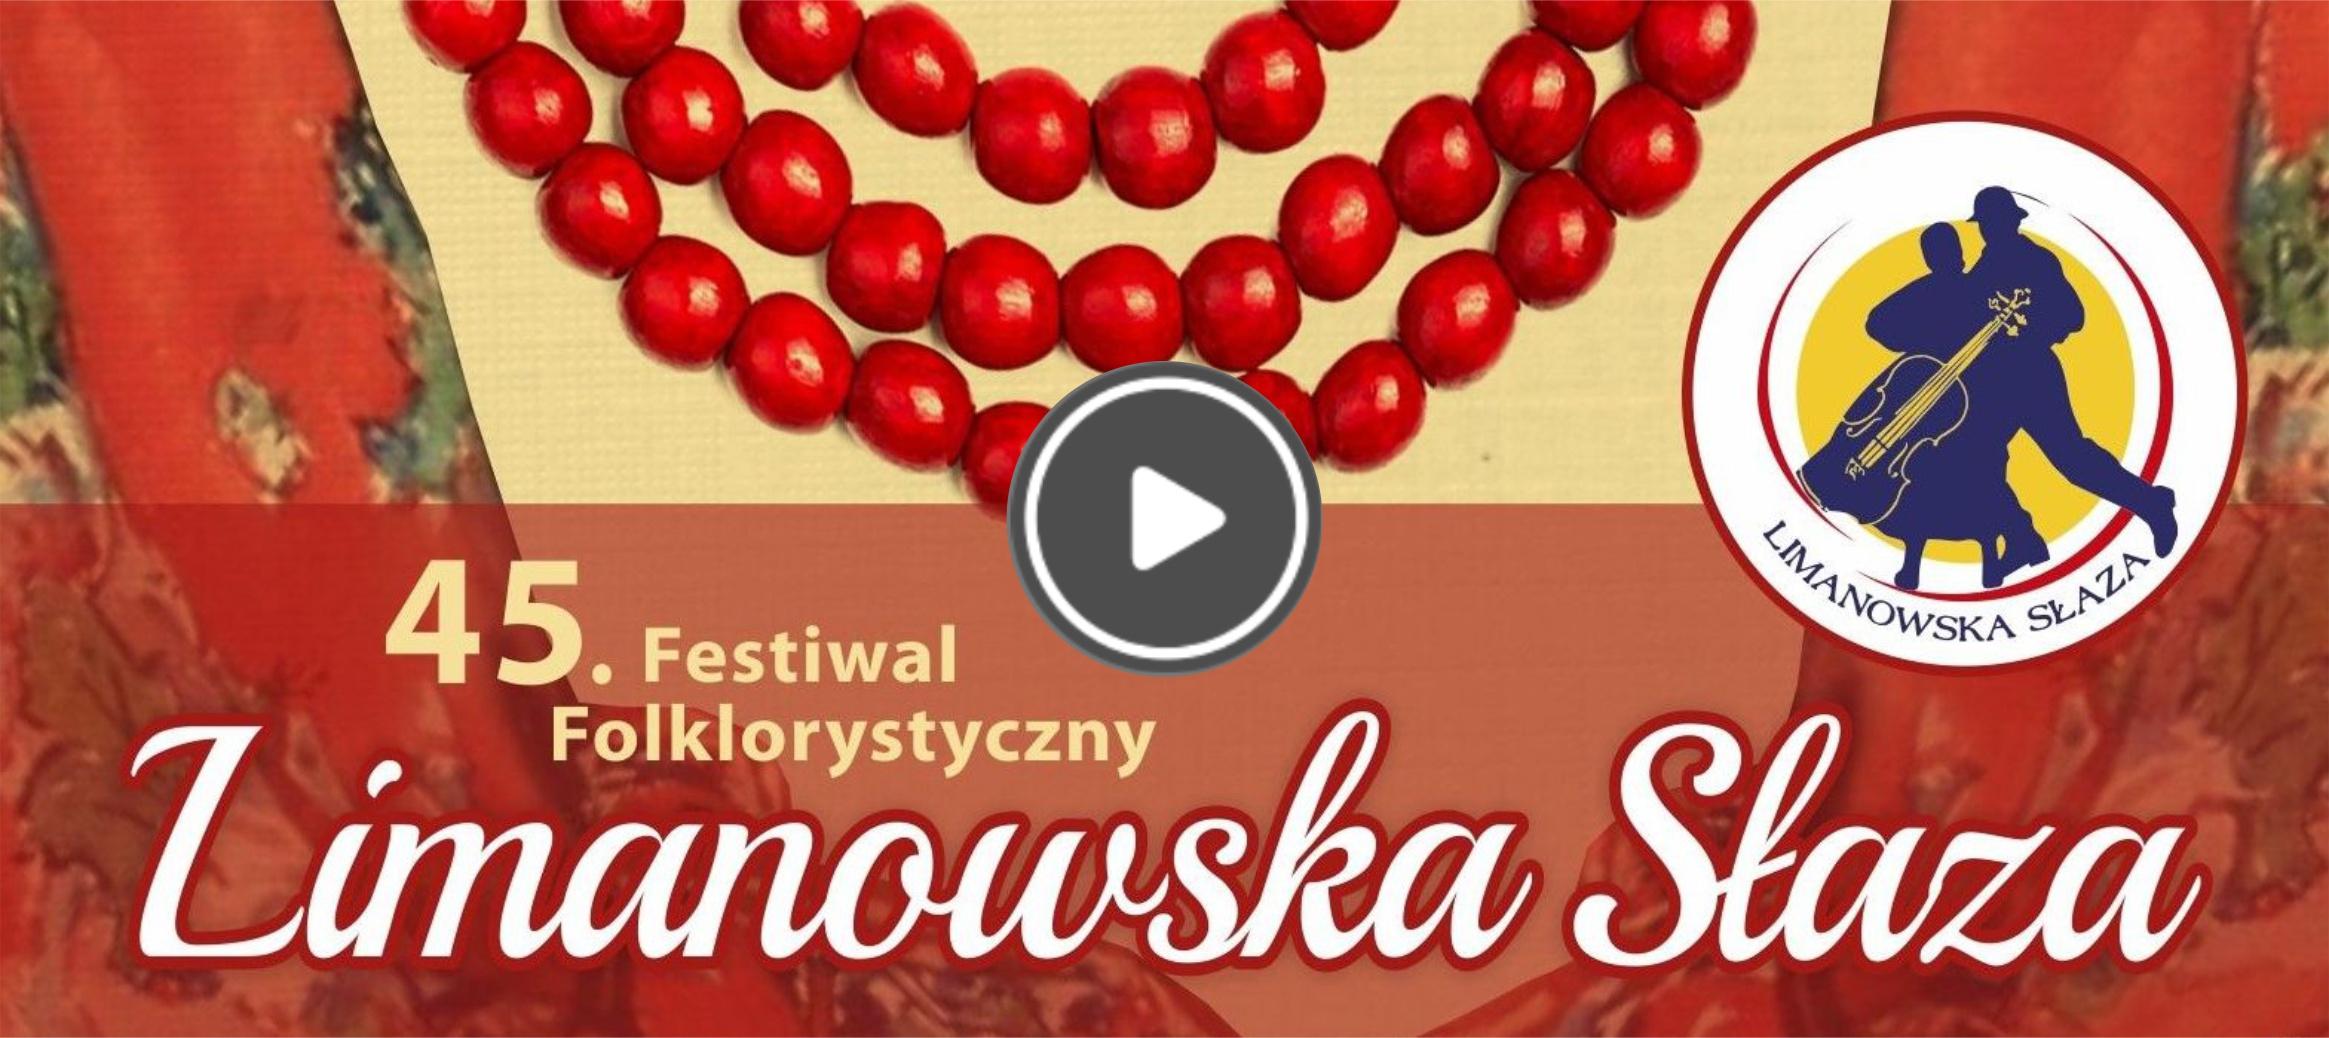 45. Festiwal Folklorystyczny Limanowska Słaza - zaproszenie, plakat informacyjny